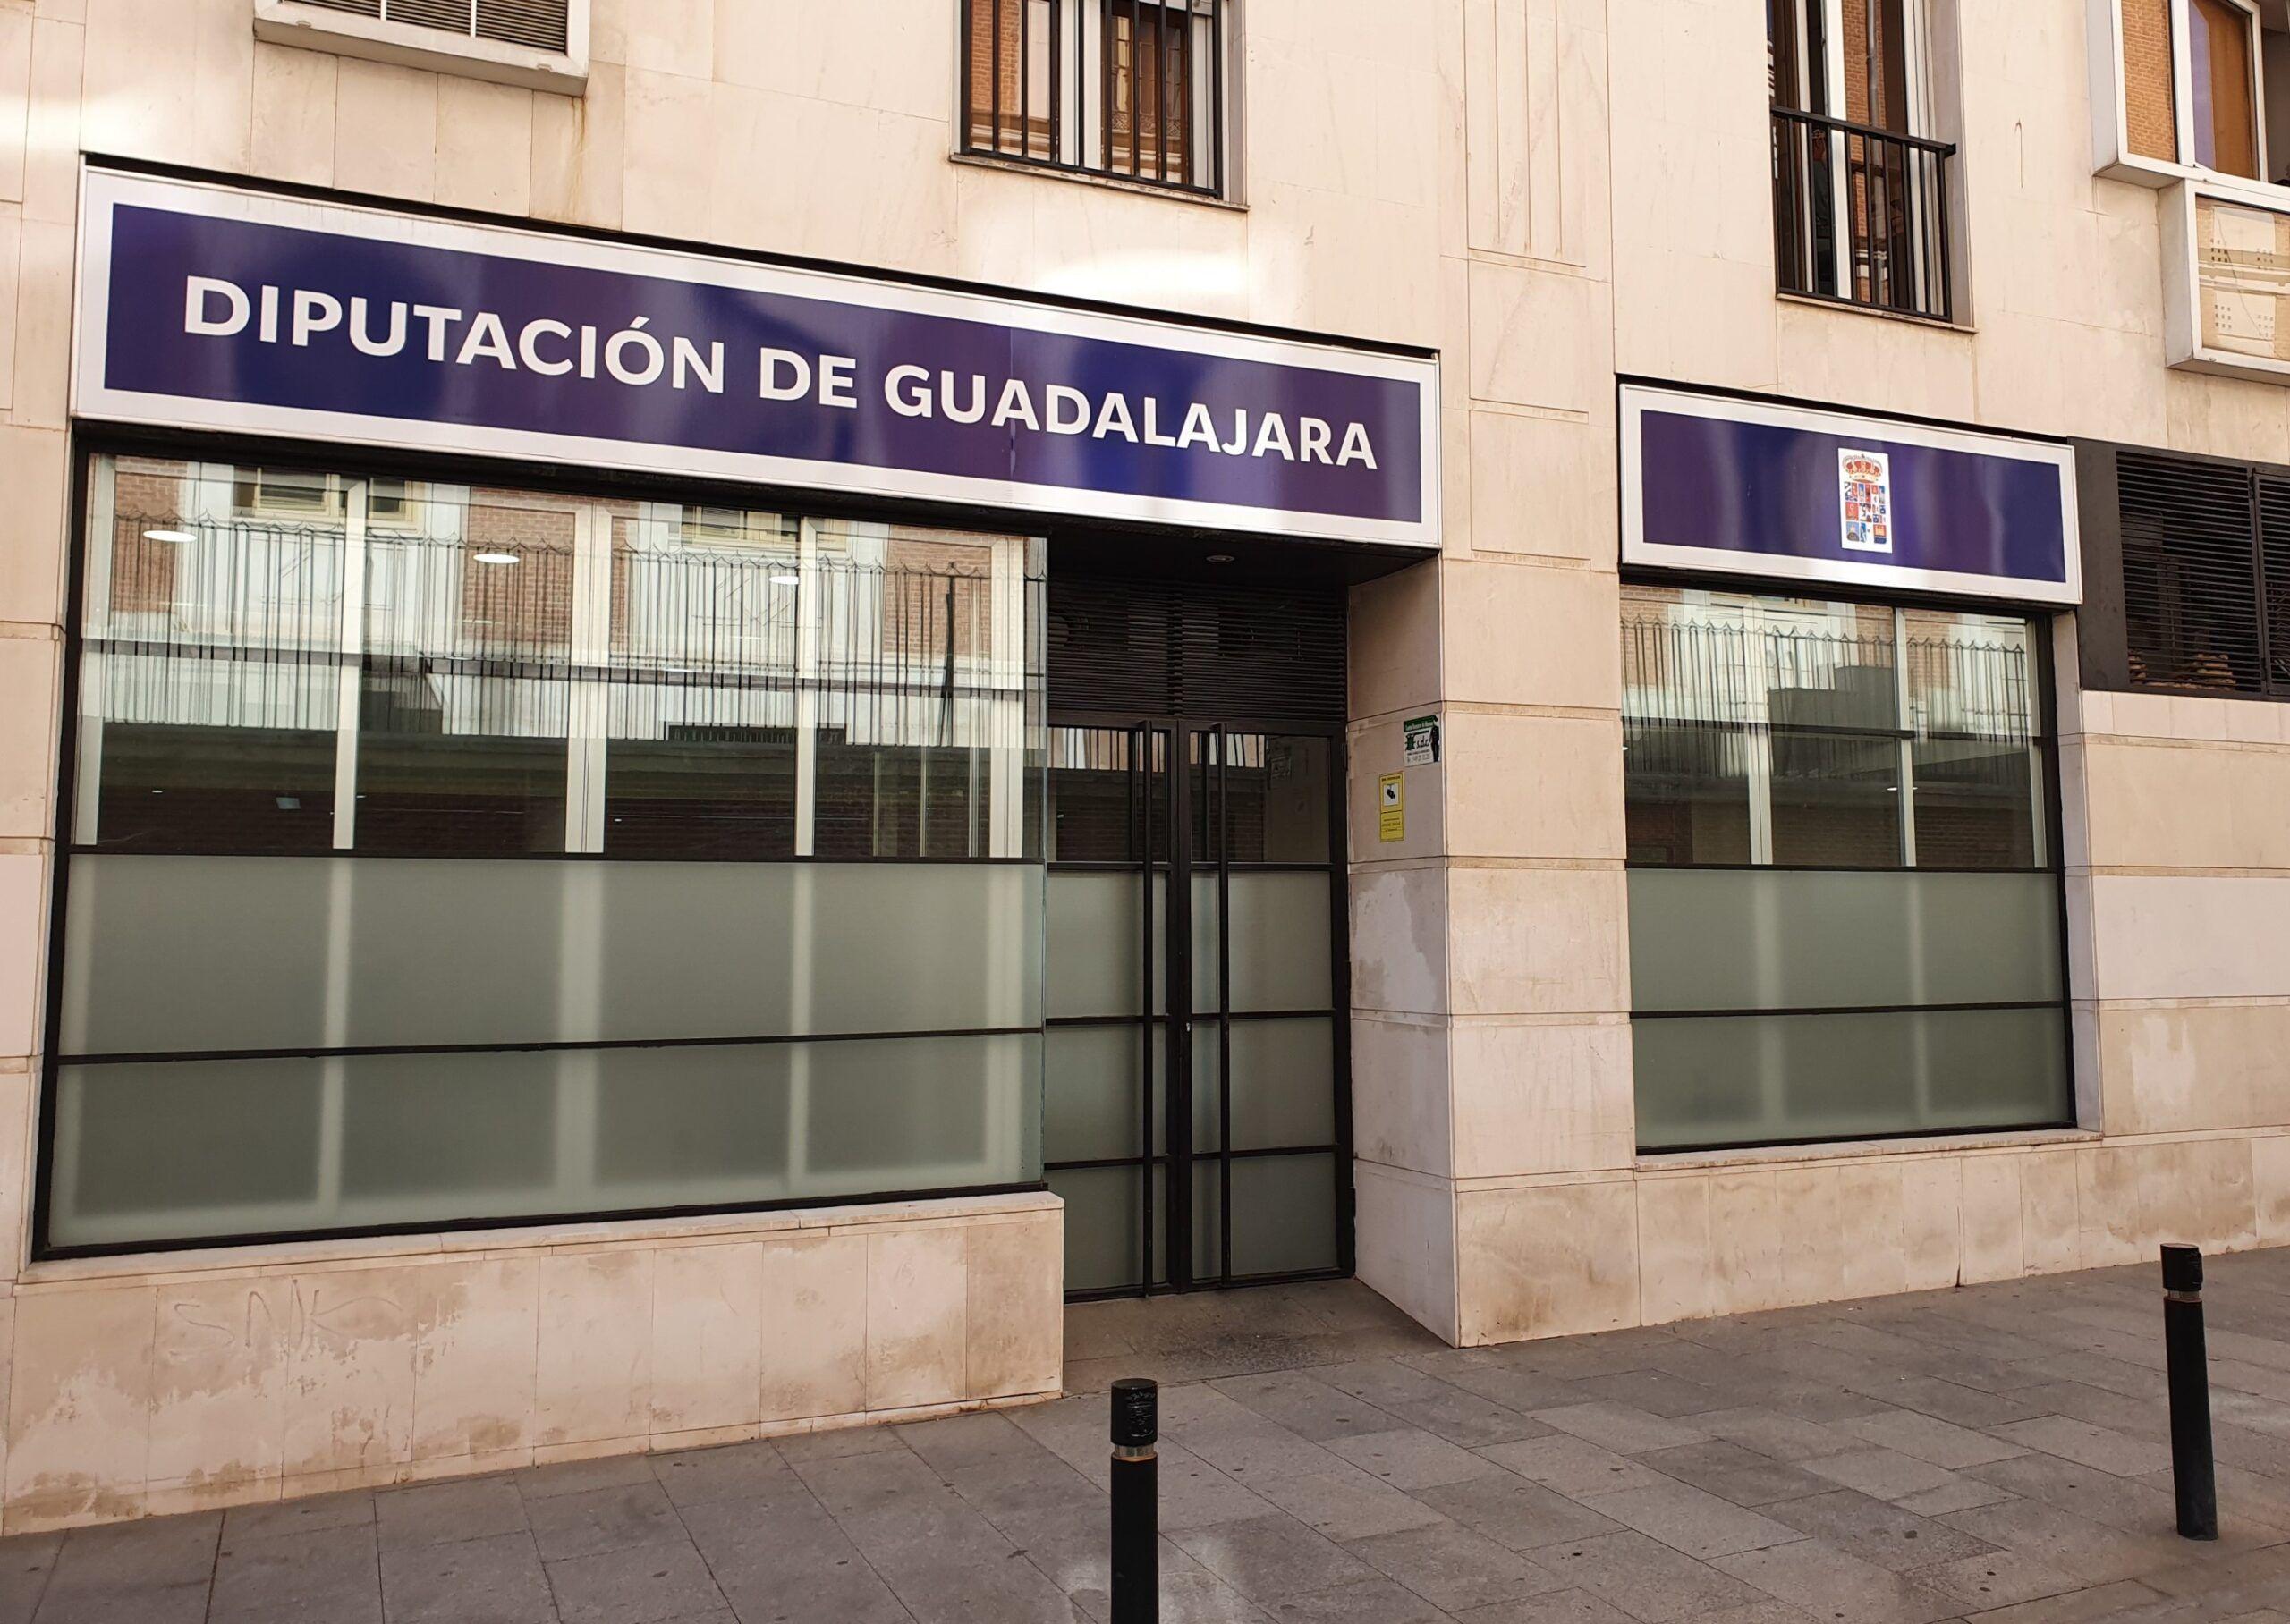 La Diputación de Guadalajara, finalista del premio Aslan por su sistema de seguridad informática para los ayuntamientos de la provincia